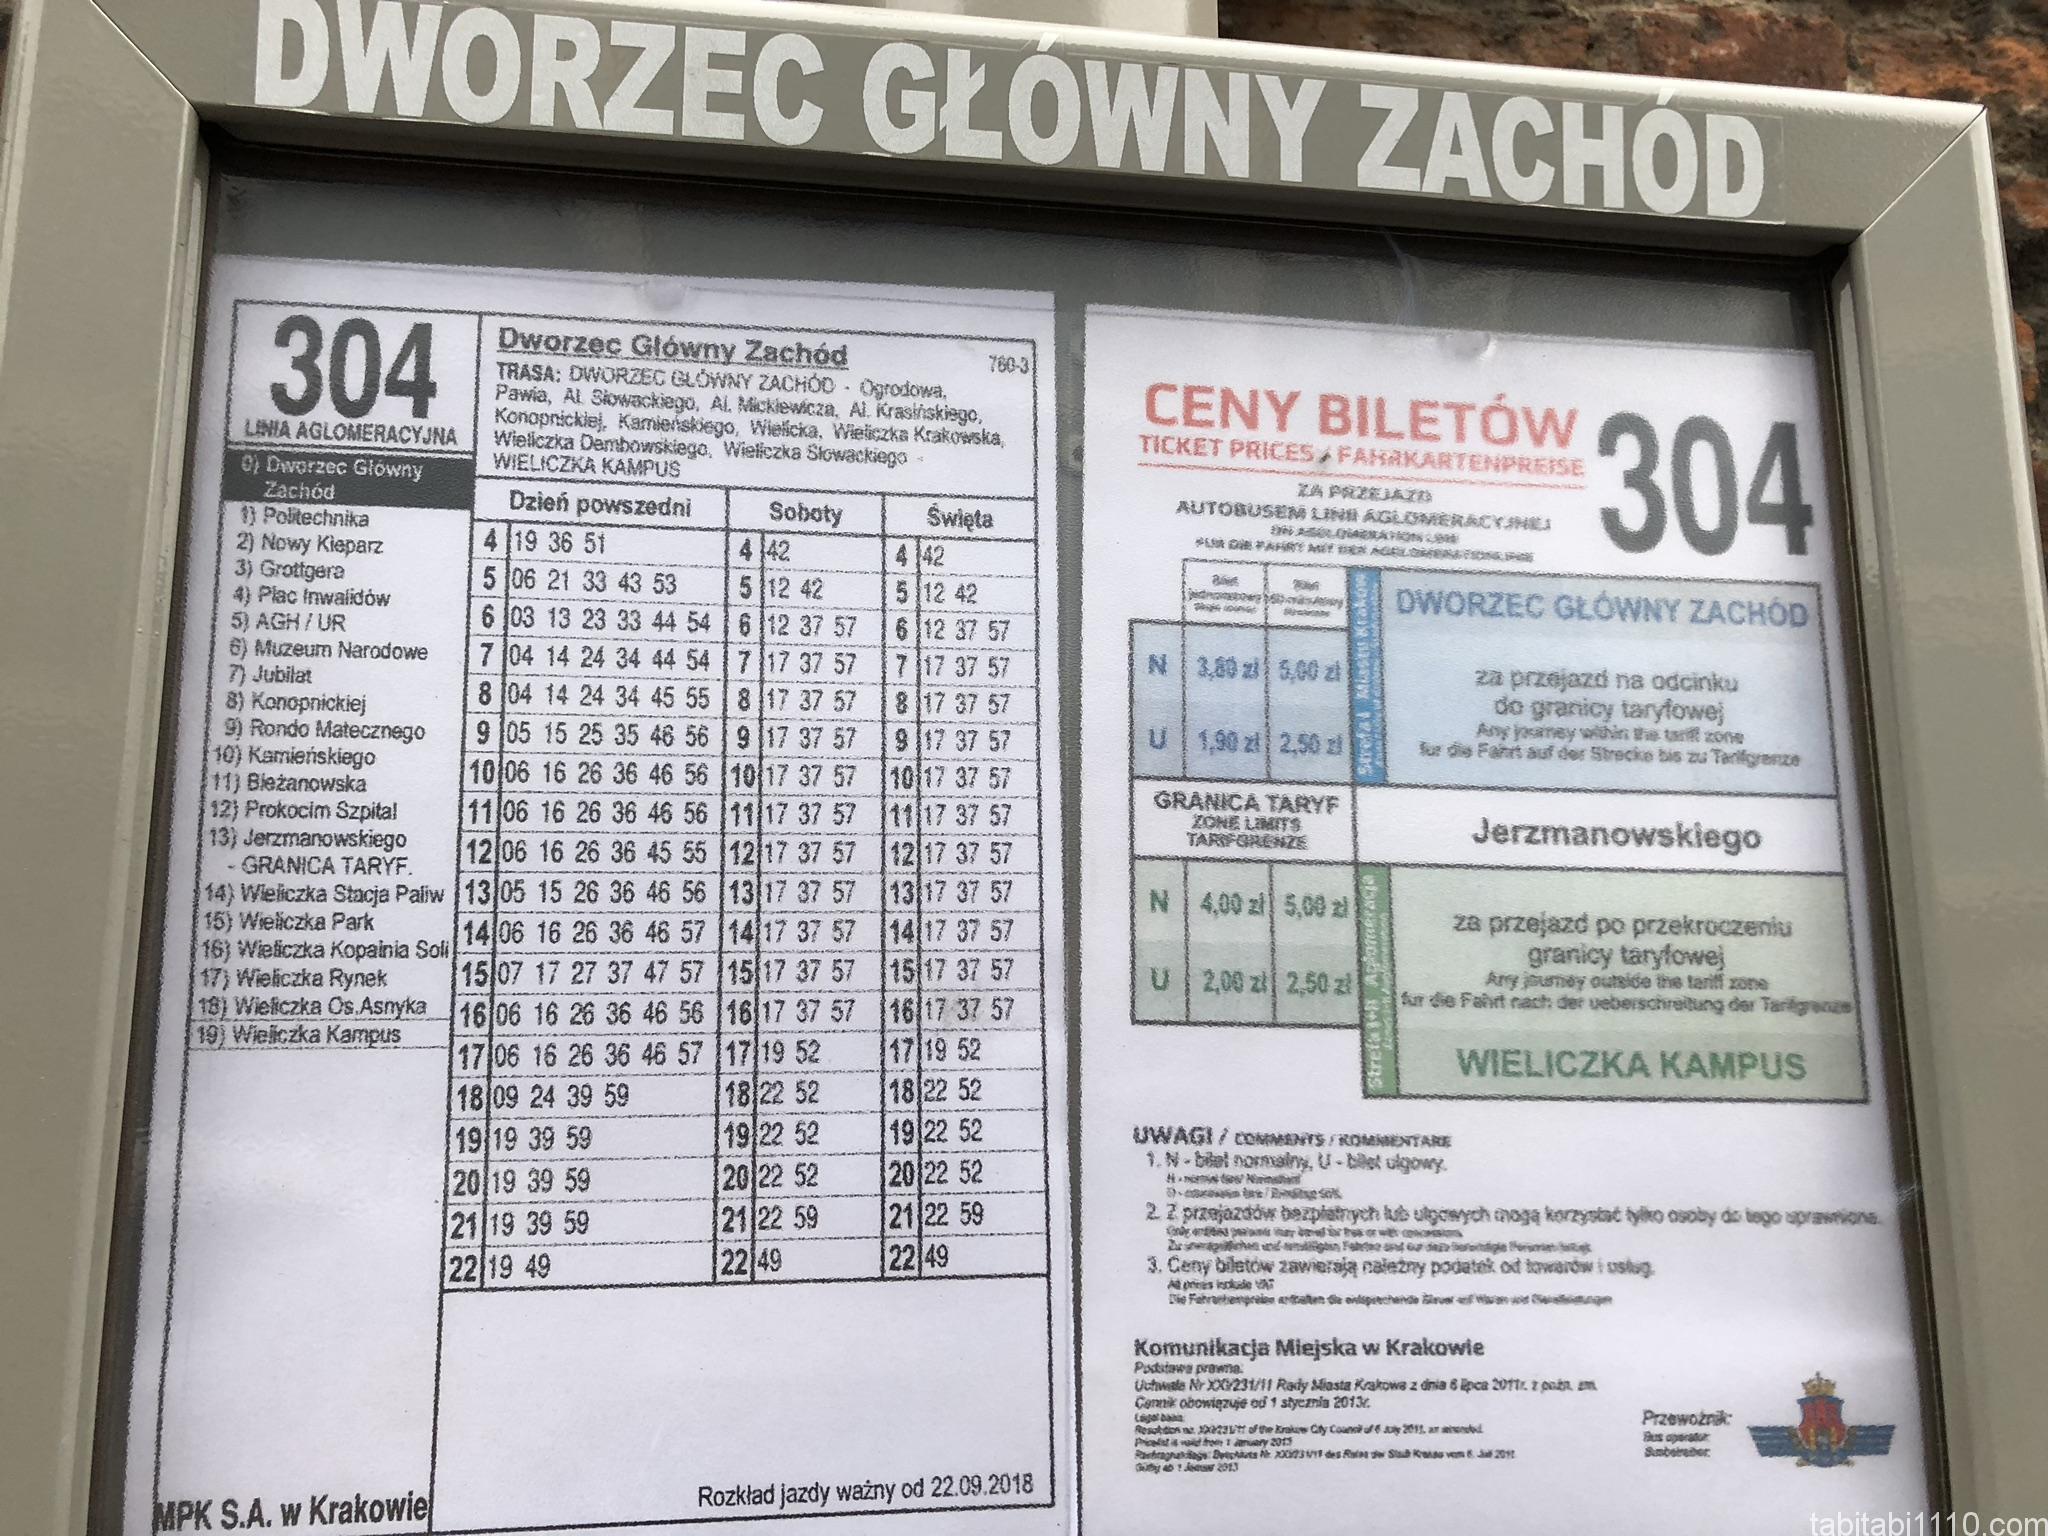 クラクフからヴィエリチカ岩塩坑へのバス時刻表